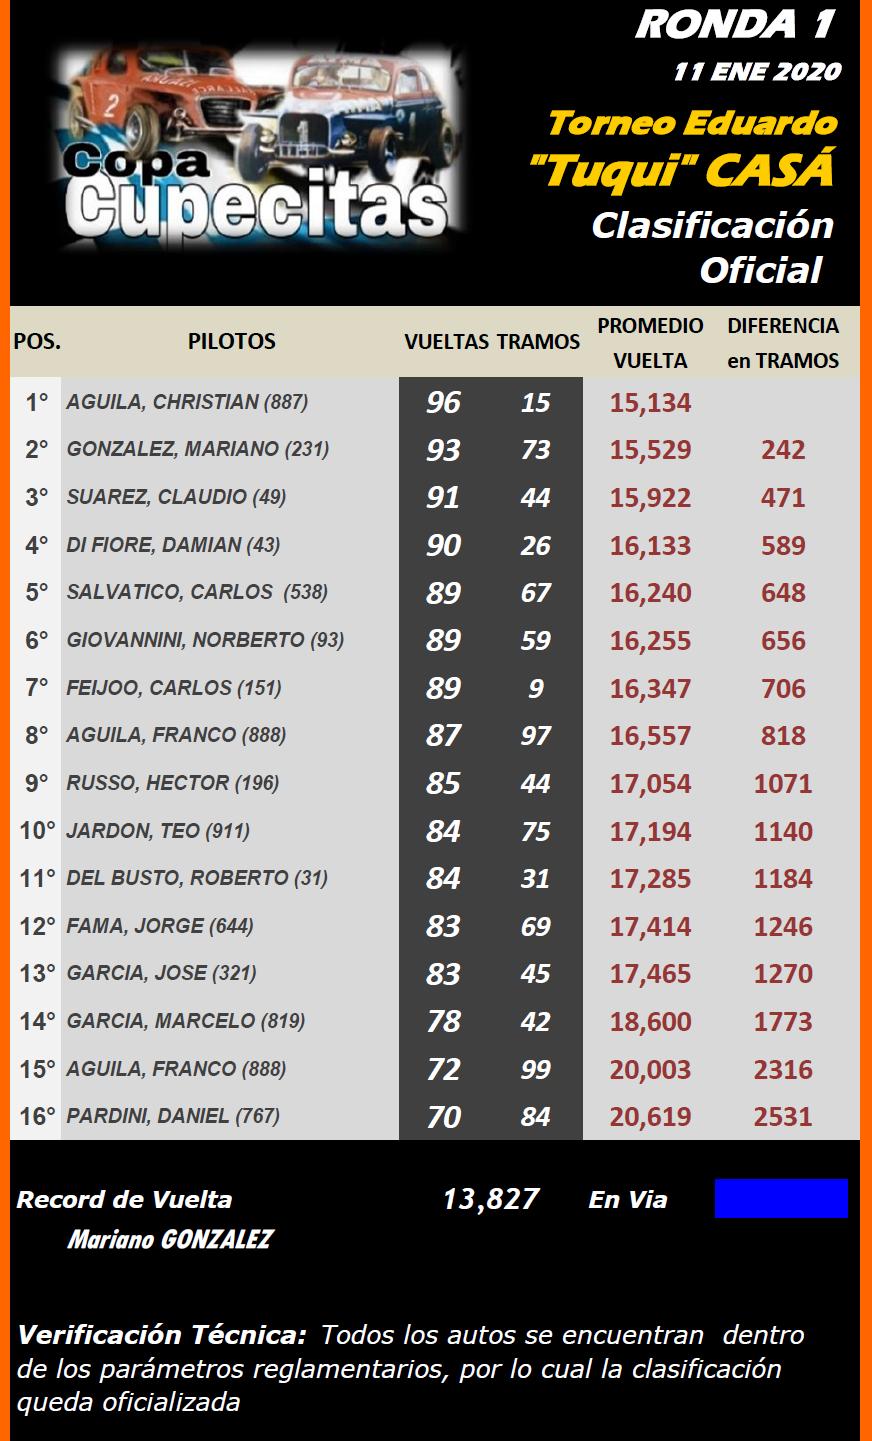 CUPECITAS Torneo Eduardo Tuqui Casá ▬ 1° Ronda ▬ V. TÉCNICA ▬ CLASIFICACIÓN OFICIAL Cup-r19